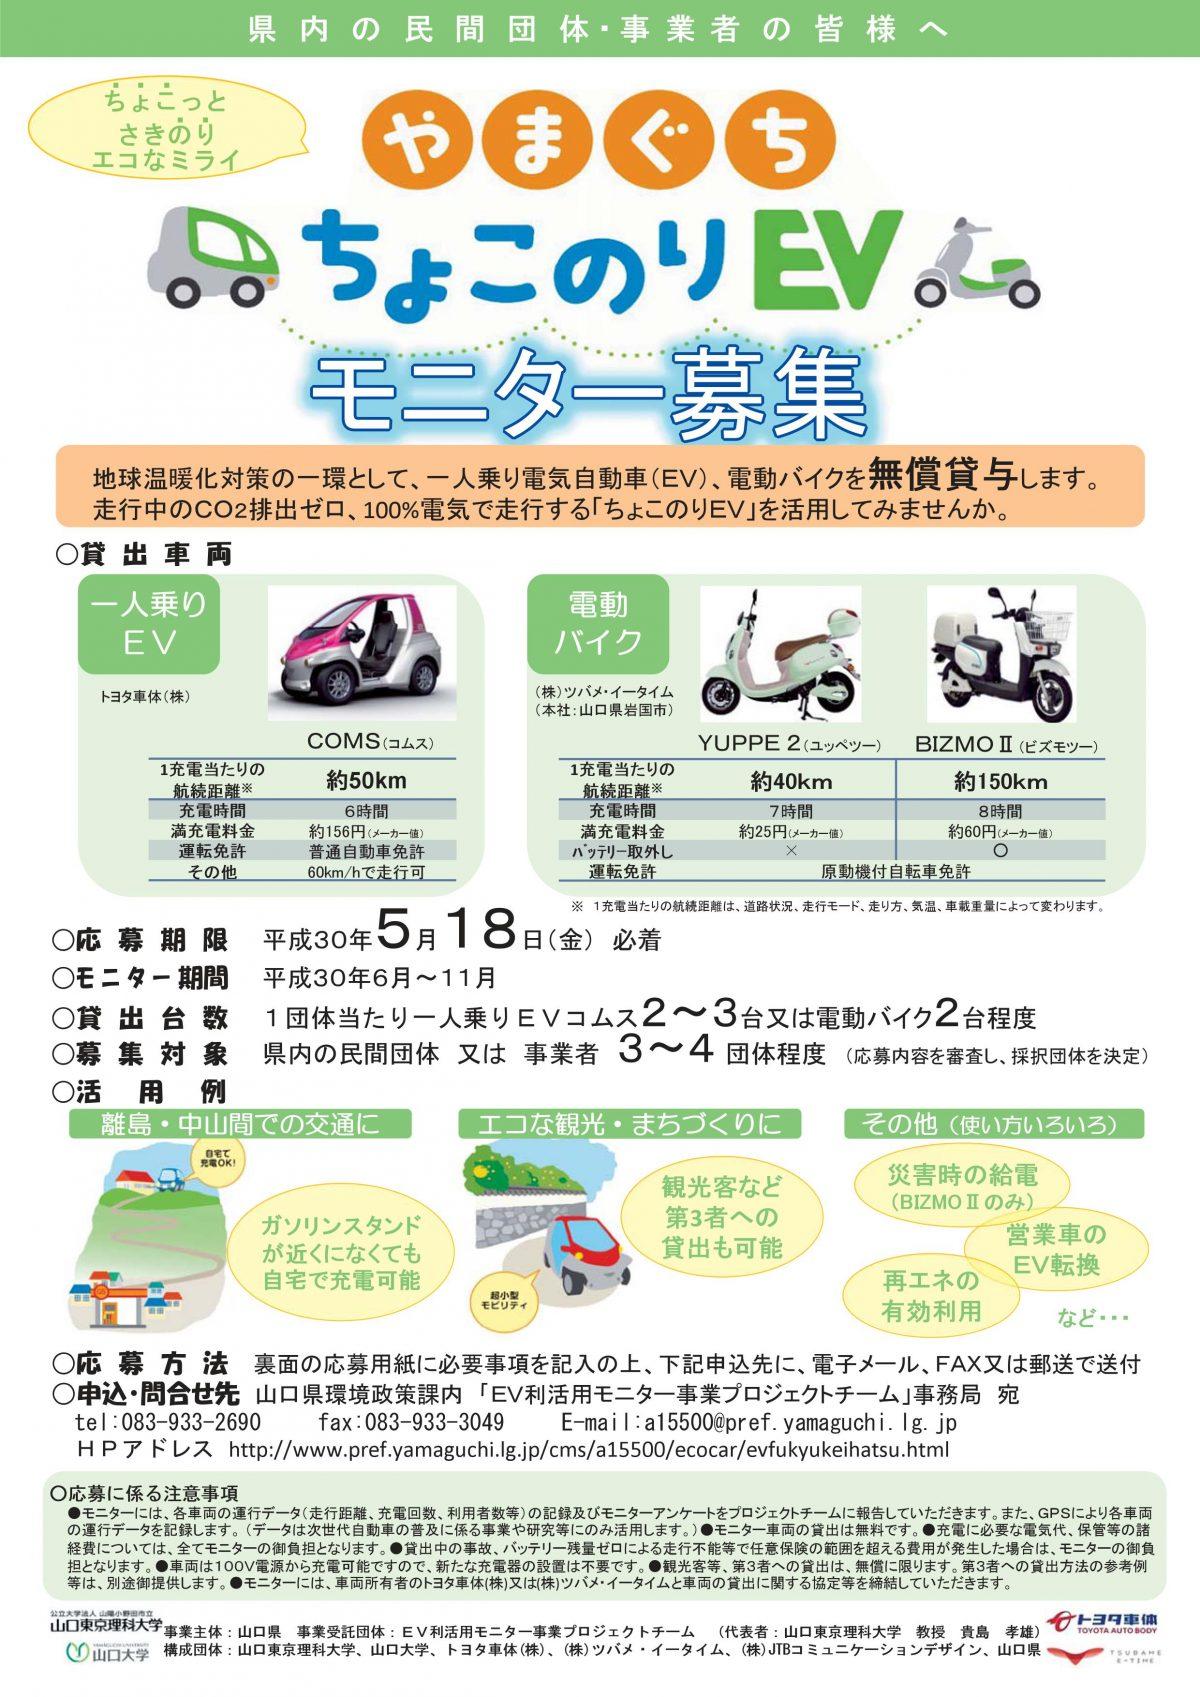 【山口県とコラボ】やまぐちちょこのりEV モニター事業